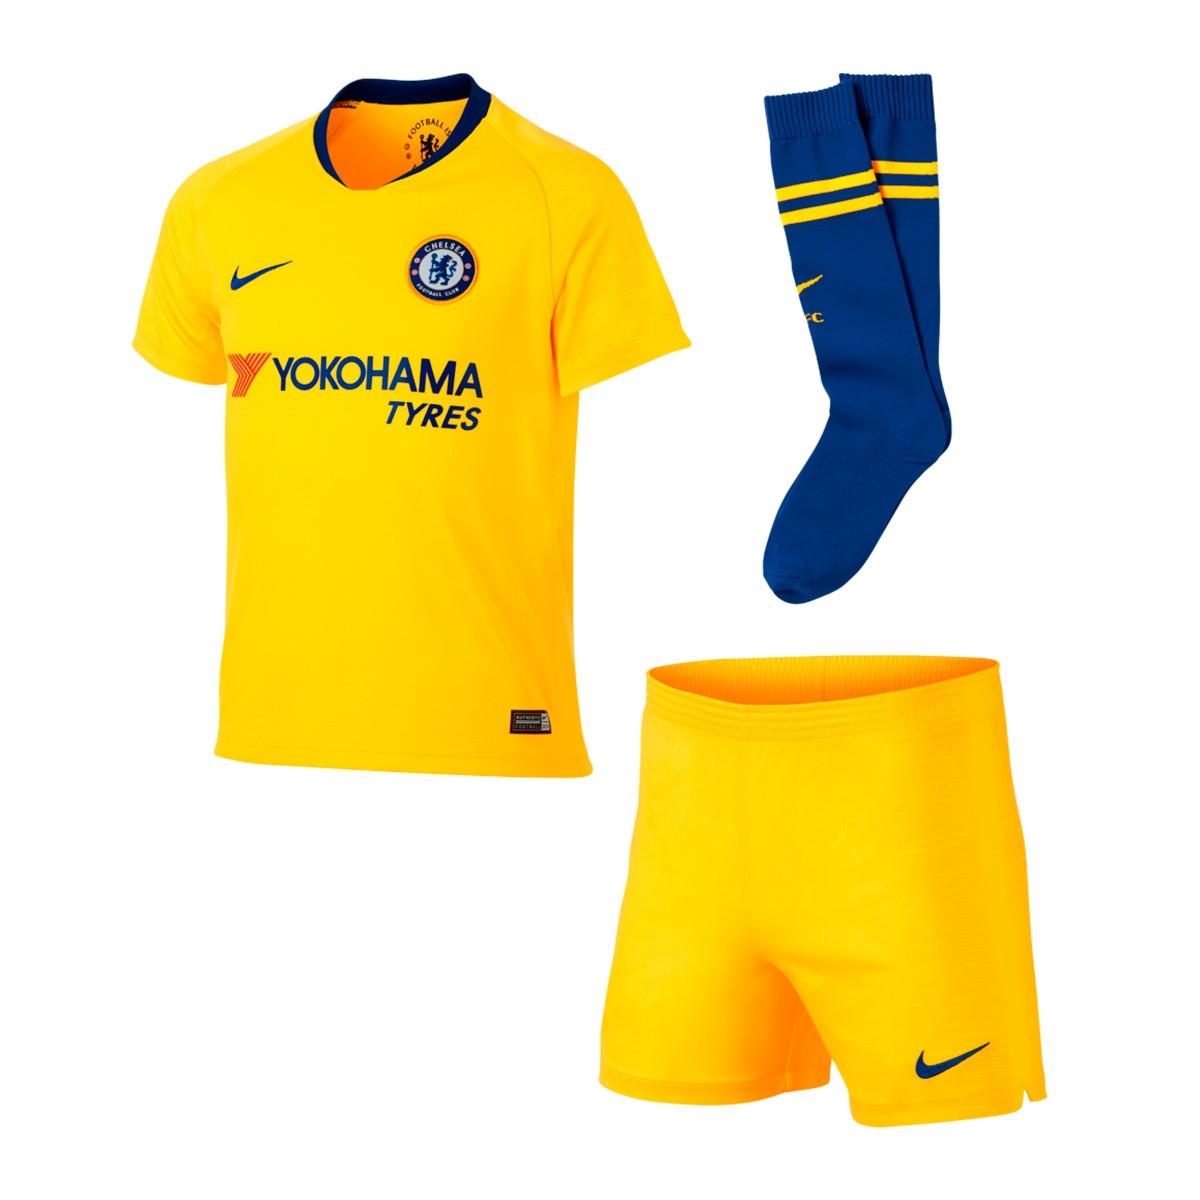 adbc030982070 Conjunto Nike Chelsea FC Segunda Equipación 2018-2019 Niño Tour yellow-Rush  blue - Tienda de fútbol Fútbol Emotion